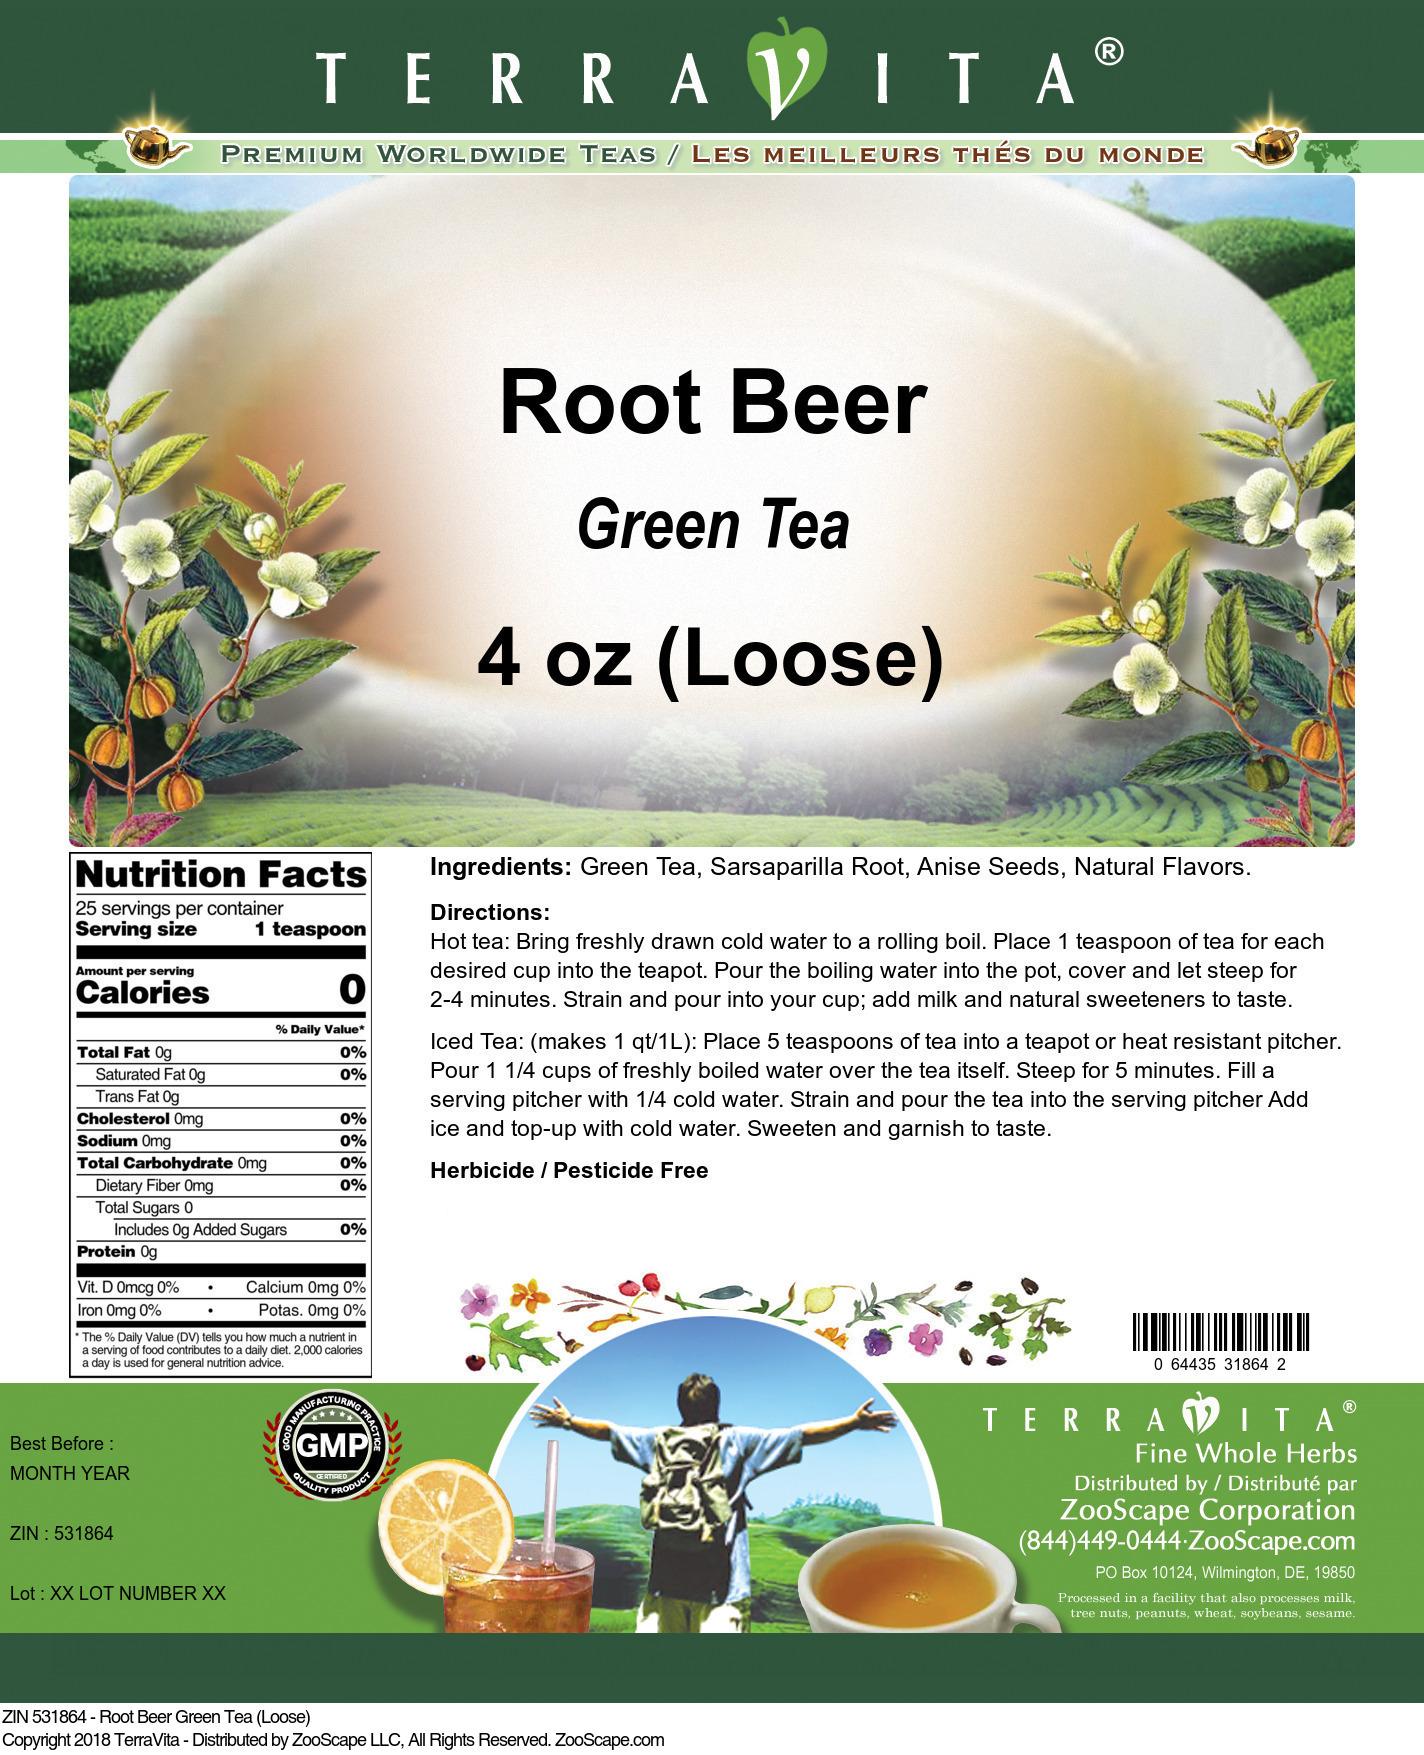 Root Beer Green Tea